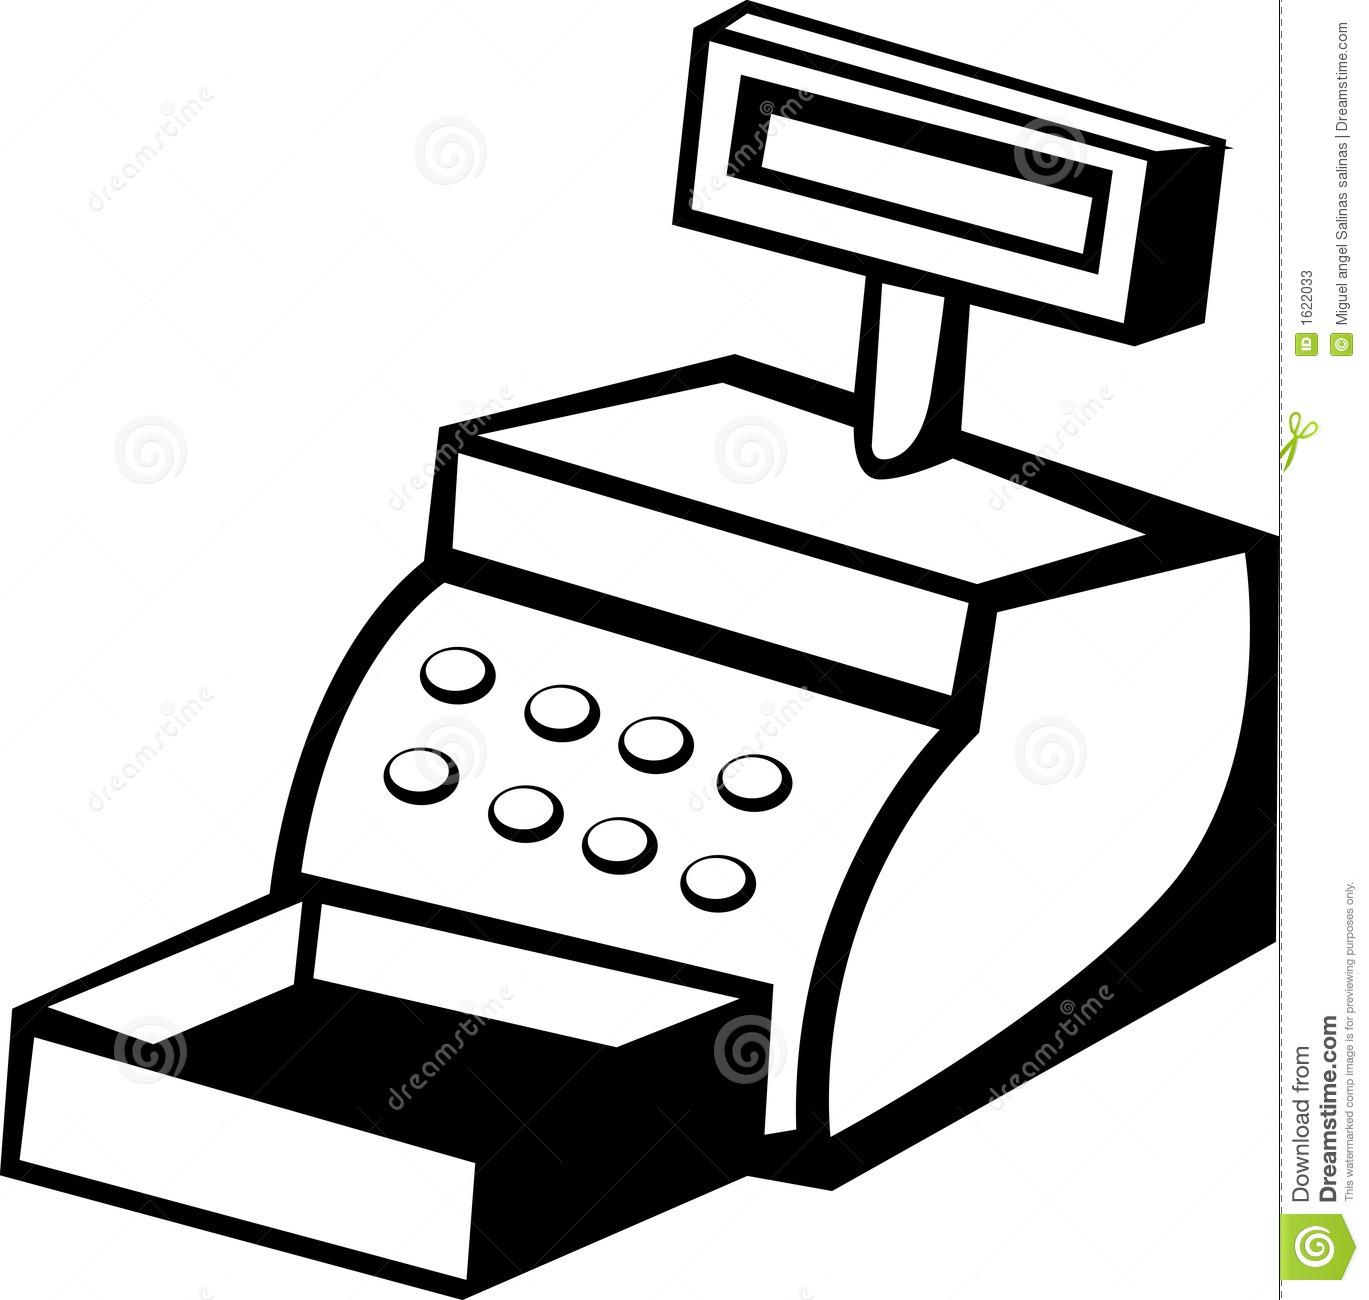 Cashier clipart machine. Cash drawer